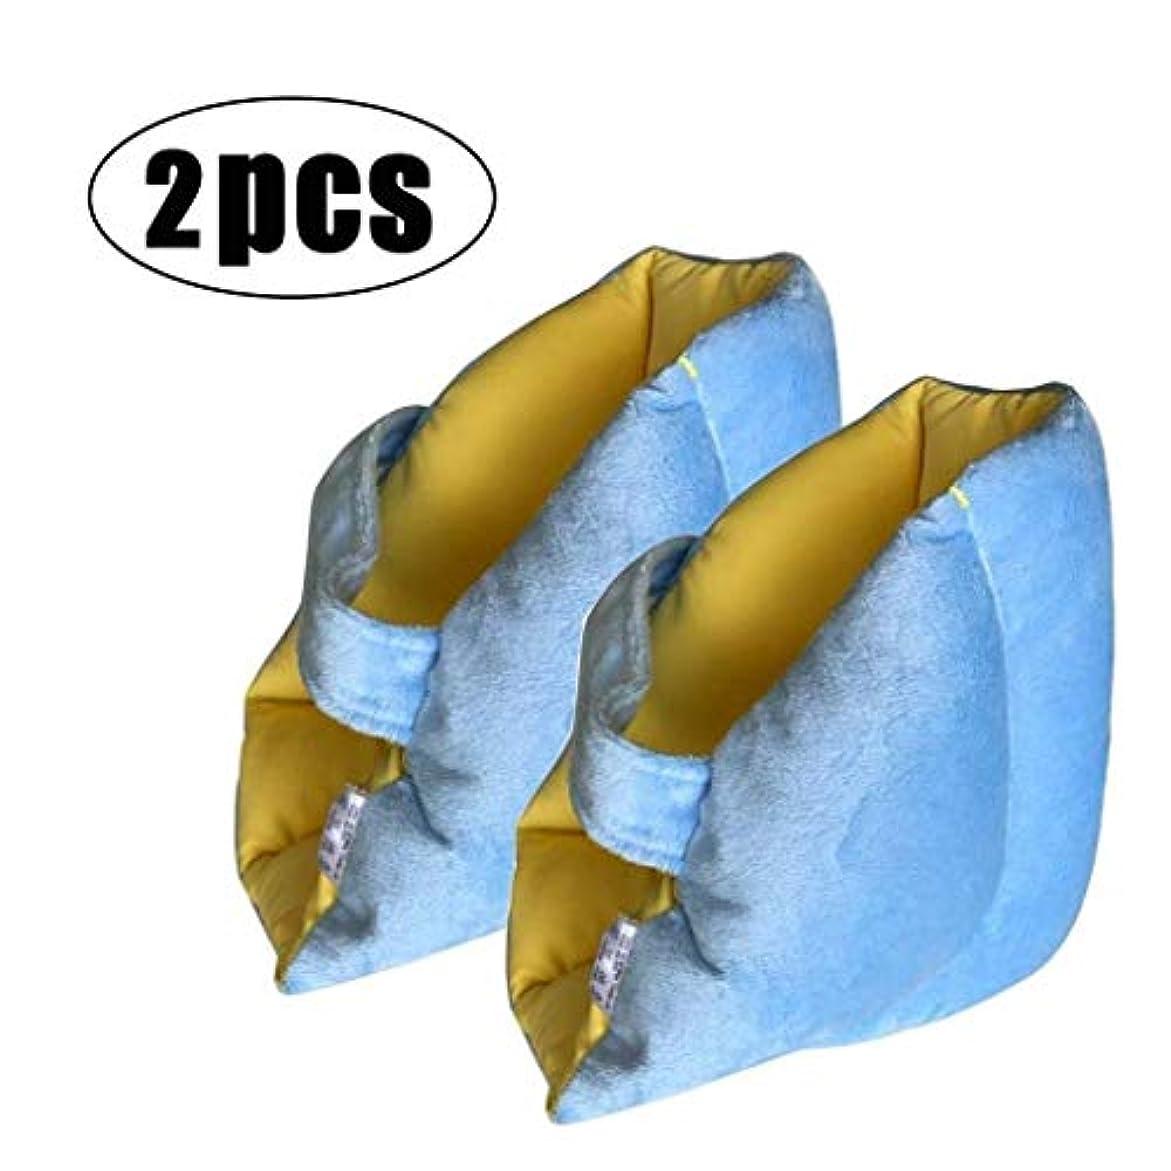 進むセブン起点TONGSH 足サポート枕、足圧を緩和するためのヒールクッションプロテクター枕、青 (Color : 2Pc)